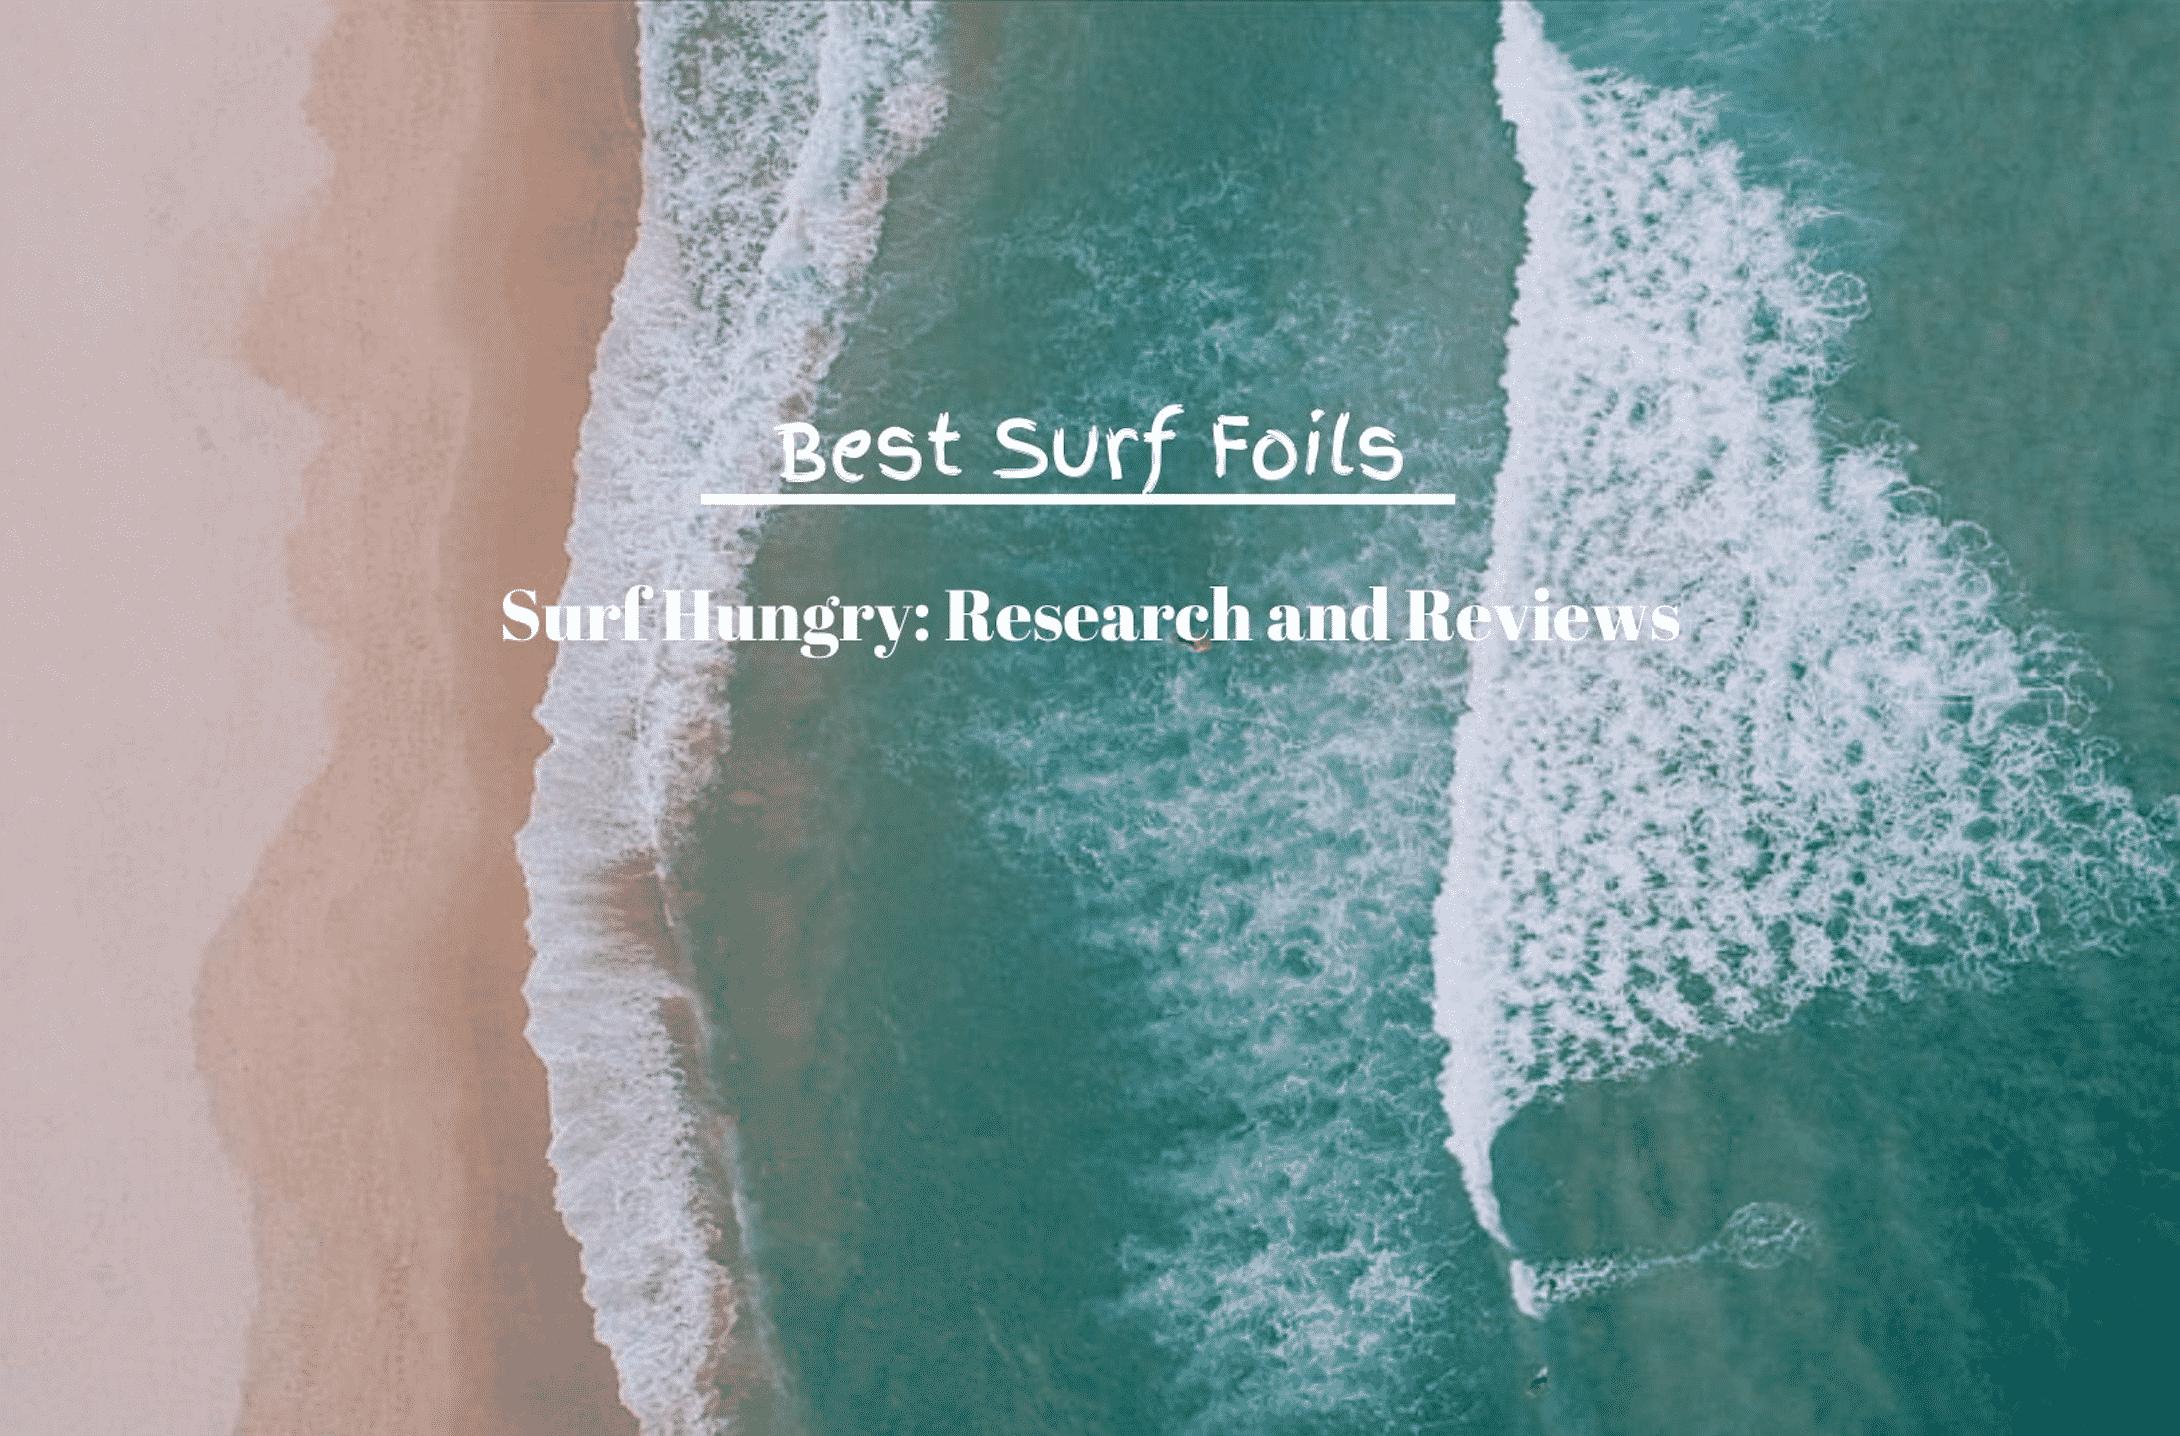 best surf foils